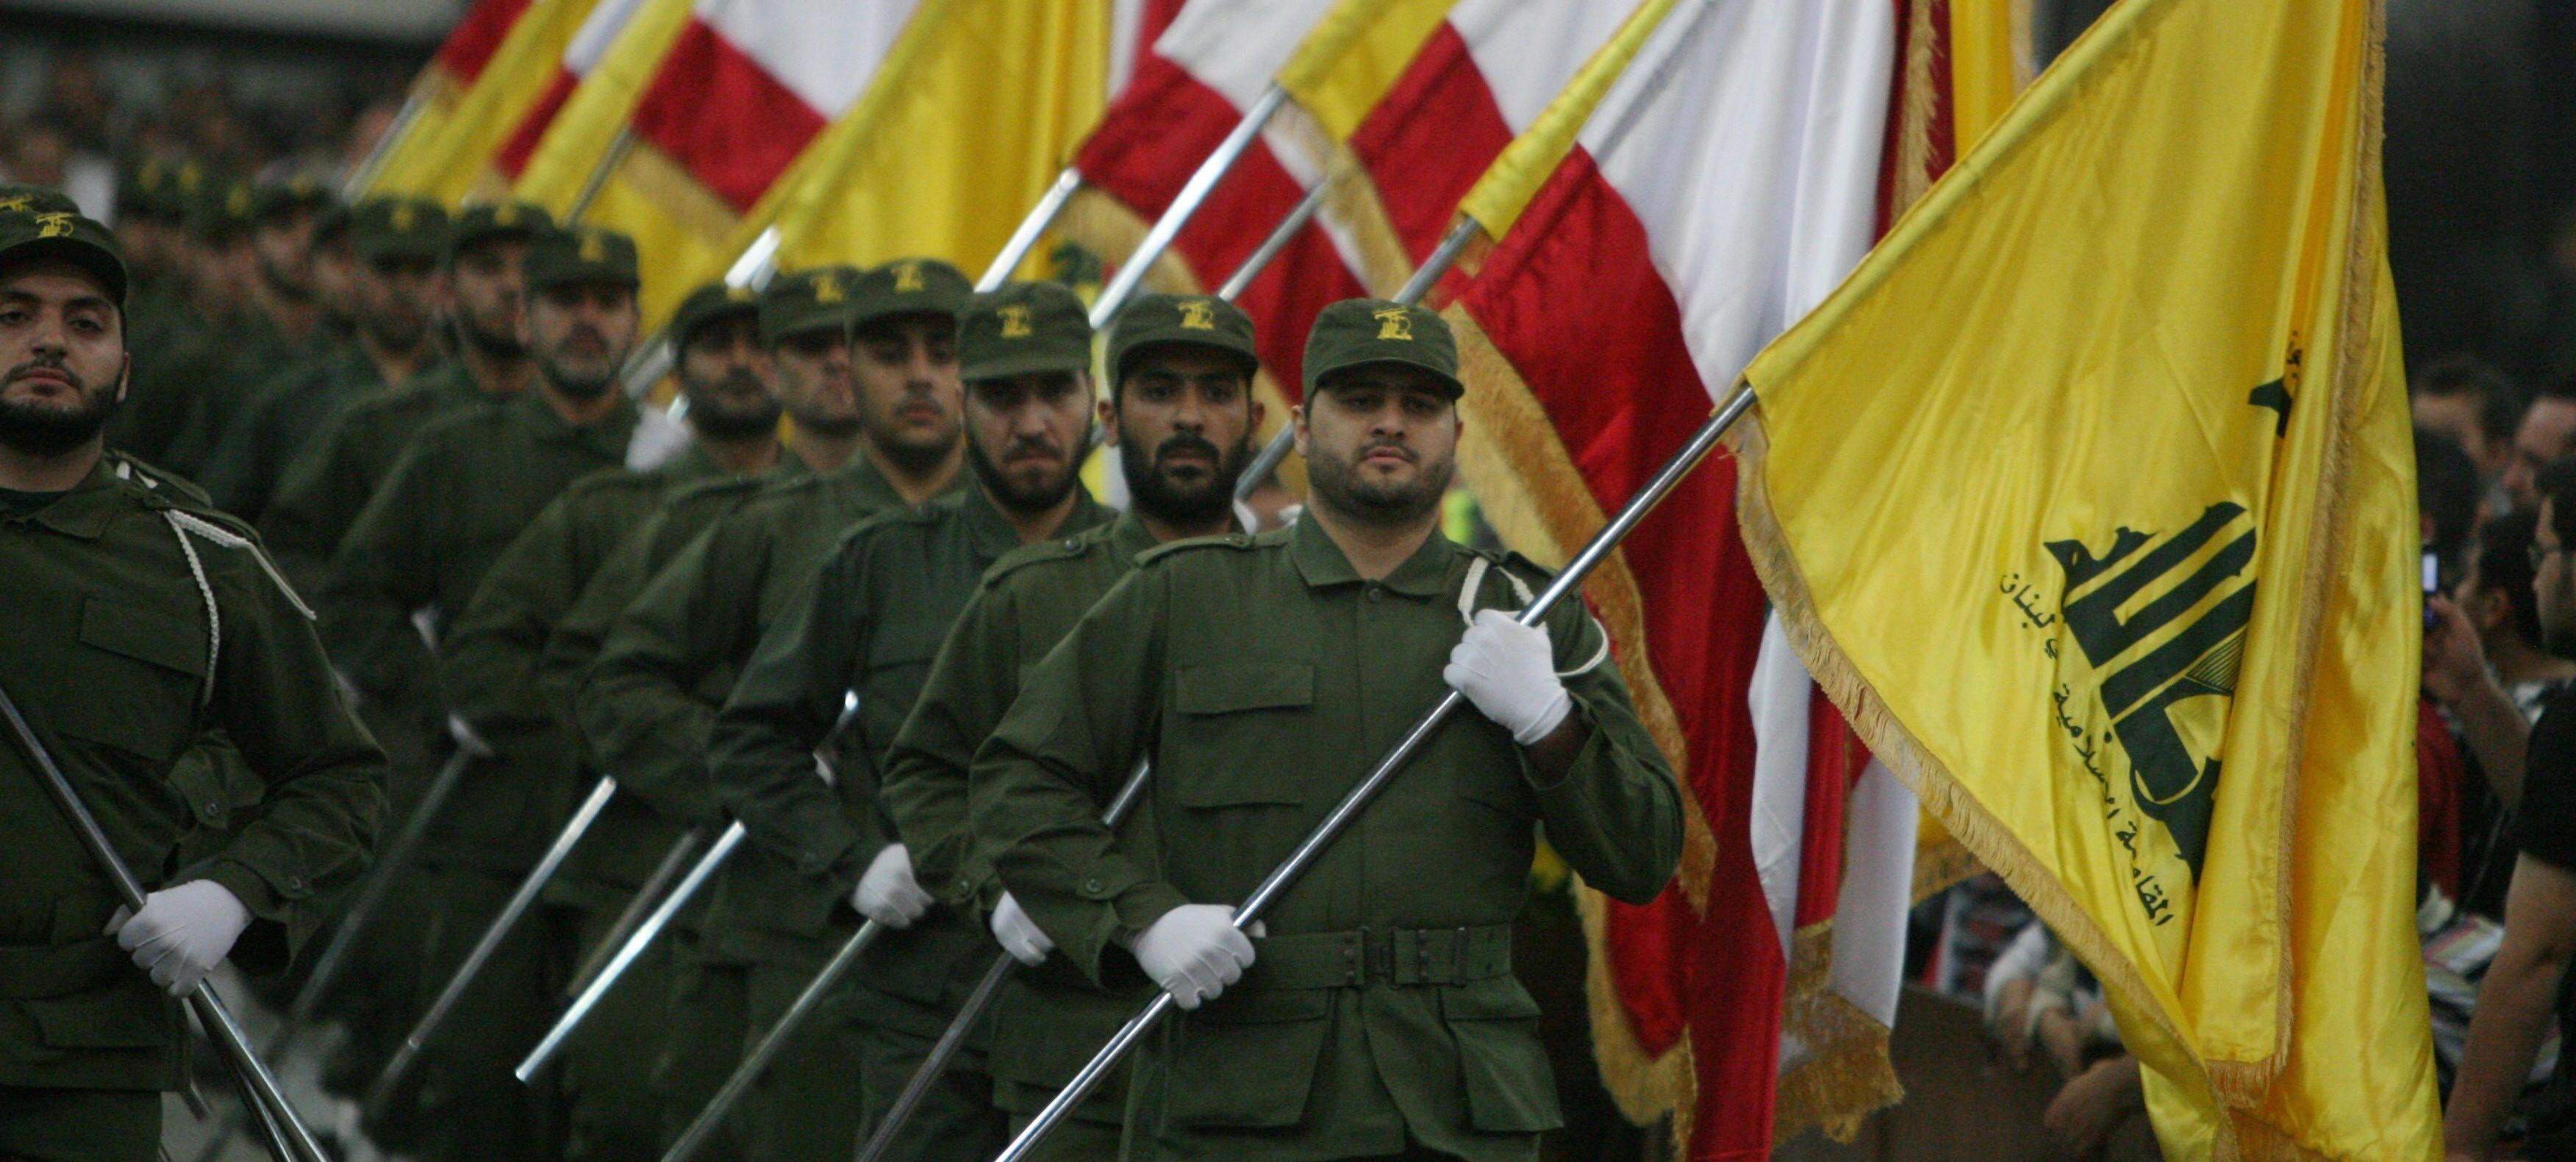 Hizbollah-sotilaita marssimassa lippujen kanssa